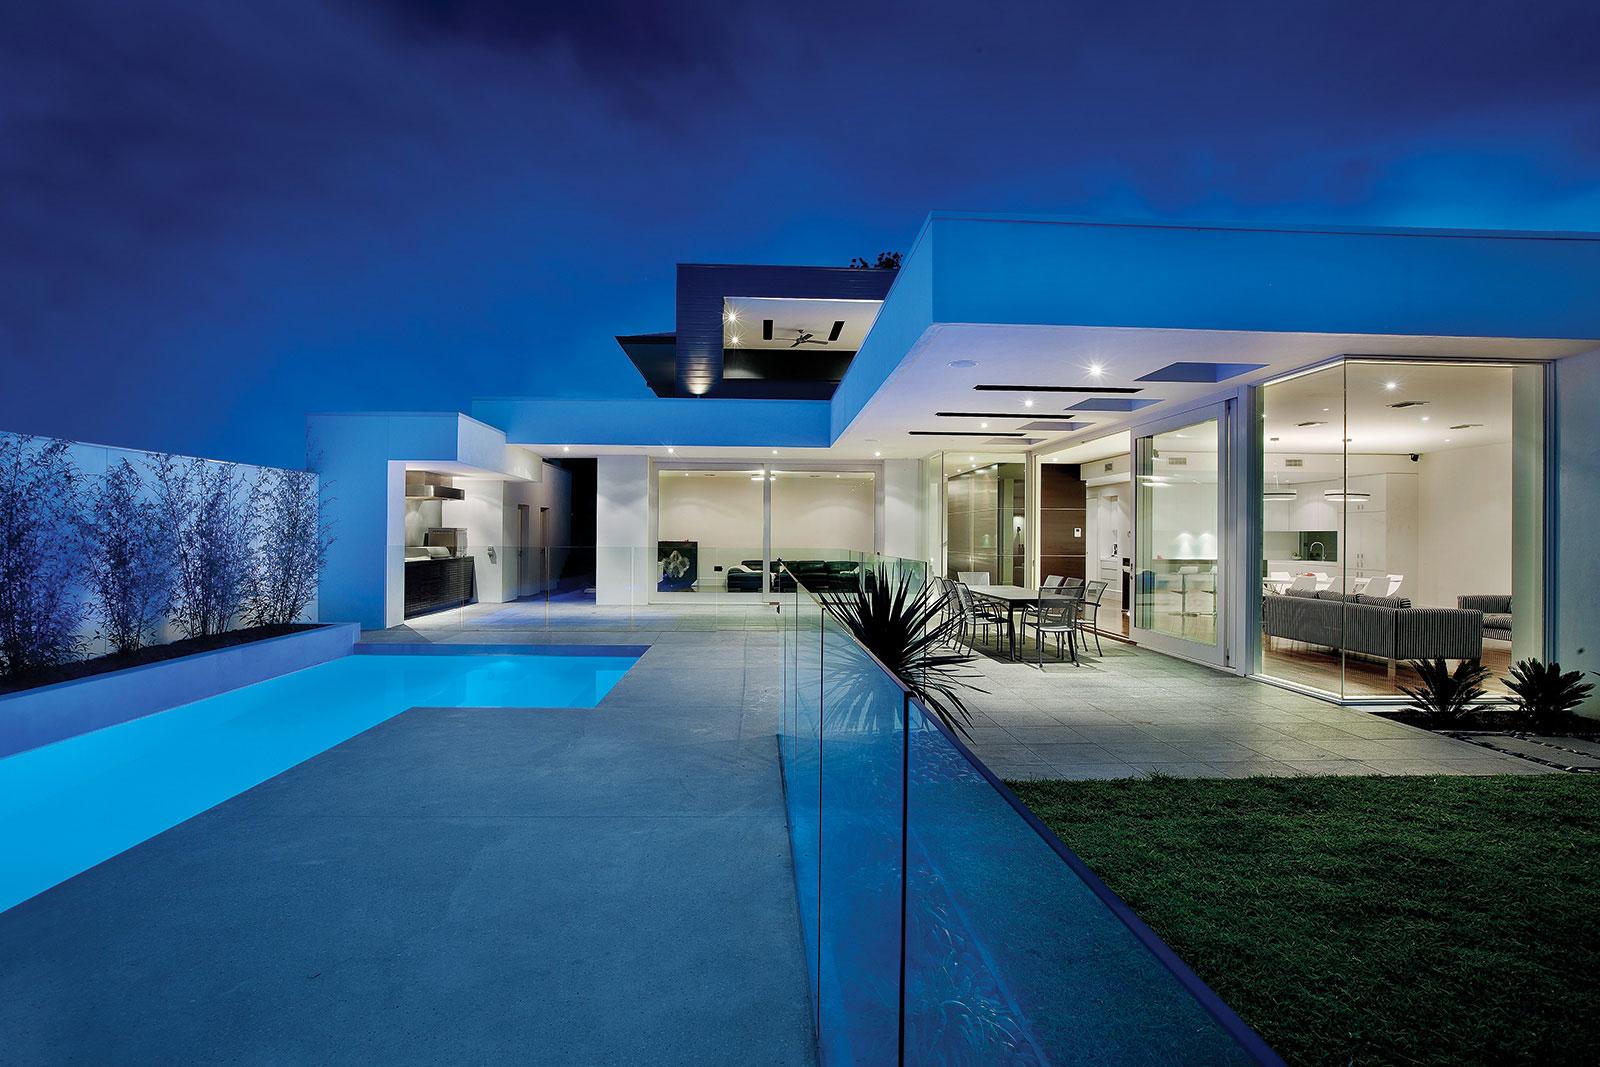 Fondos de pantalla de casas modernas wallpapers hd - Prefabbricato casa ...